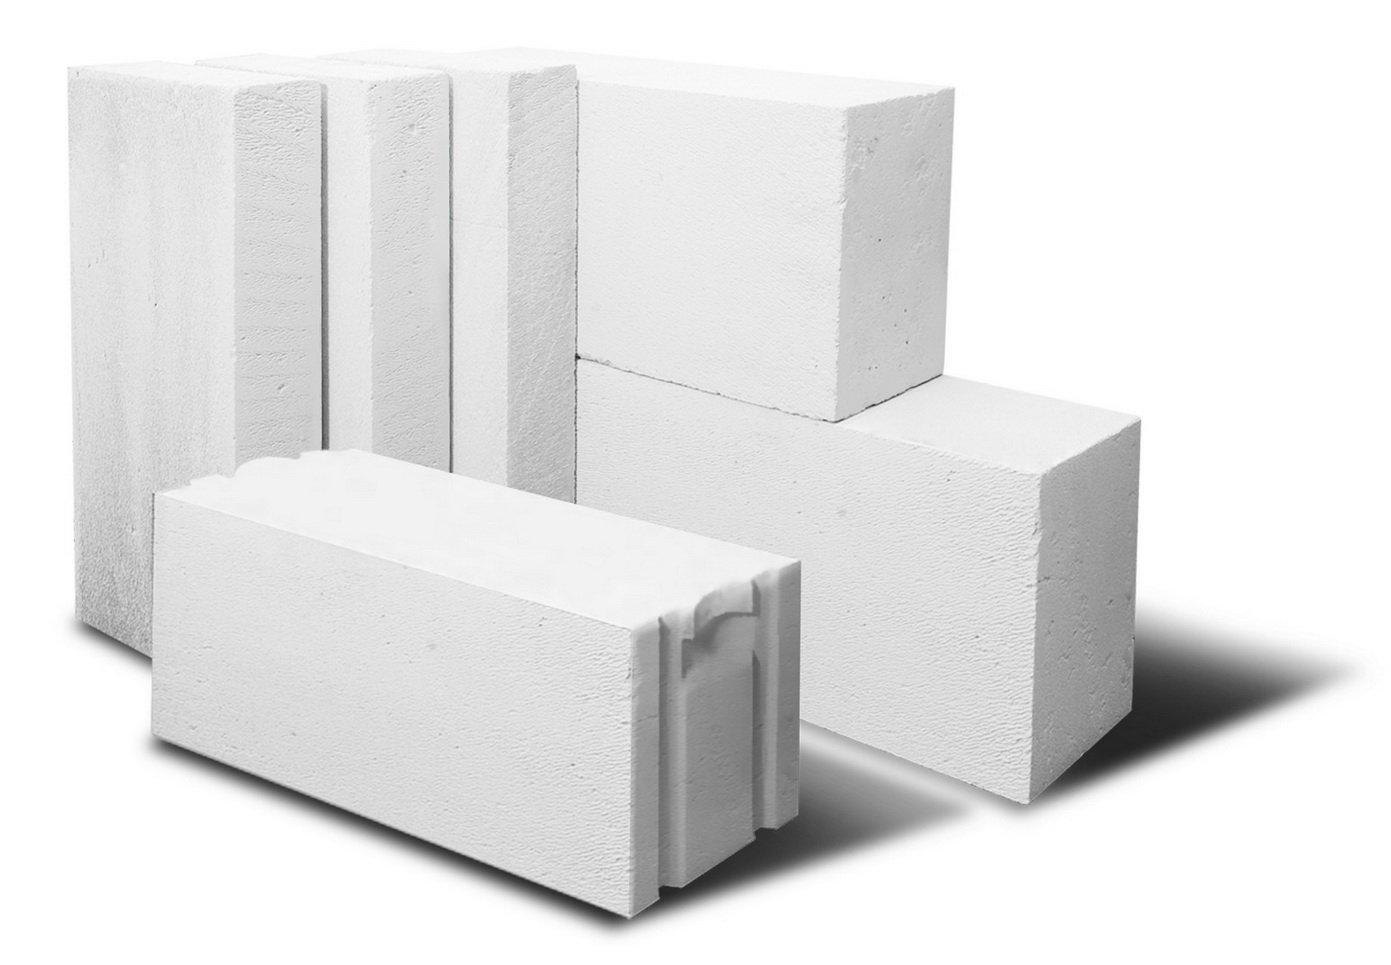 Köpük Bloklar Bu Geleceğin Yapı Malzemesidir